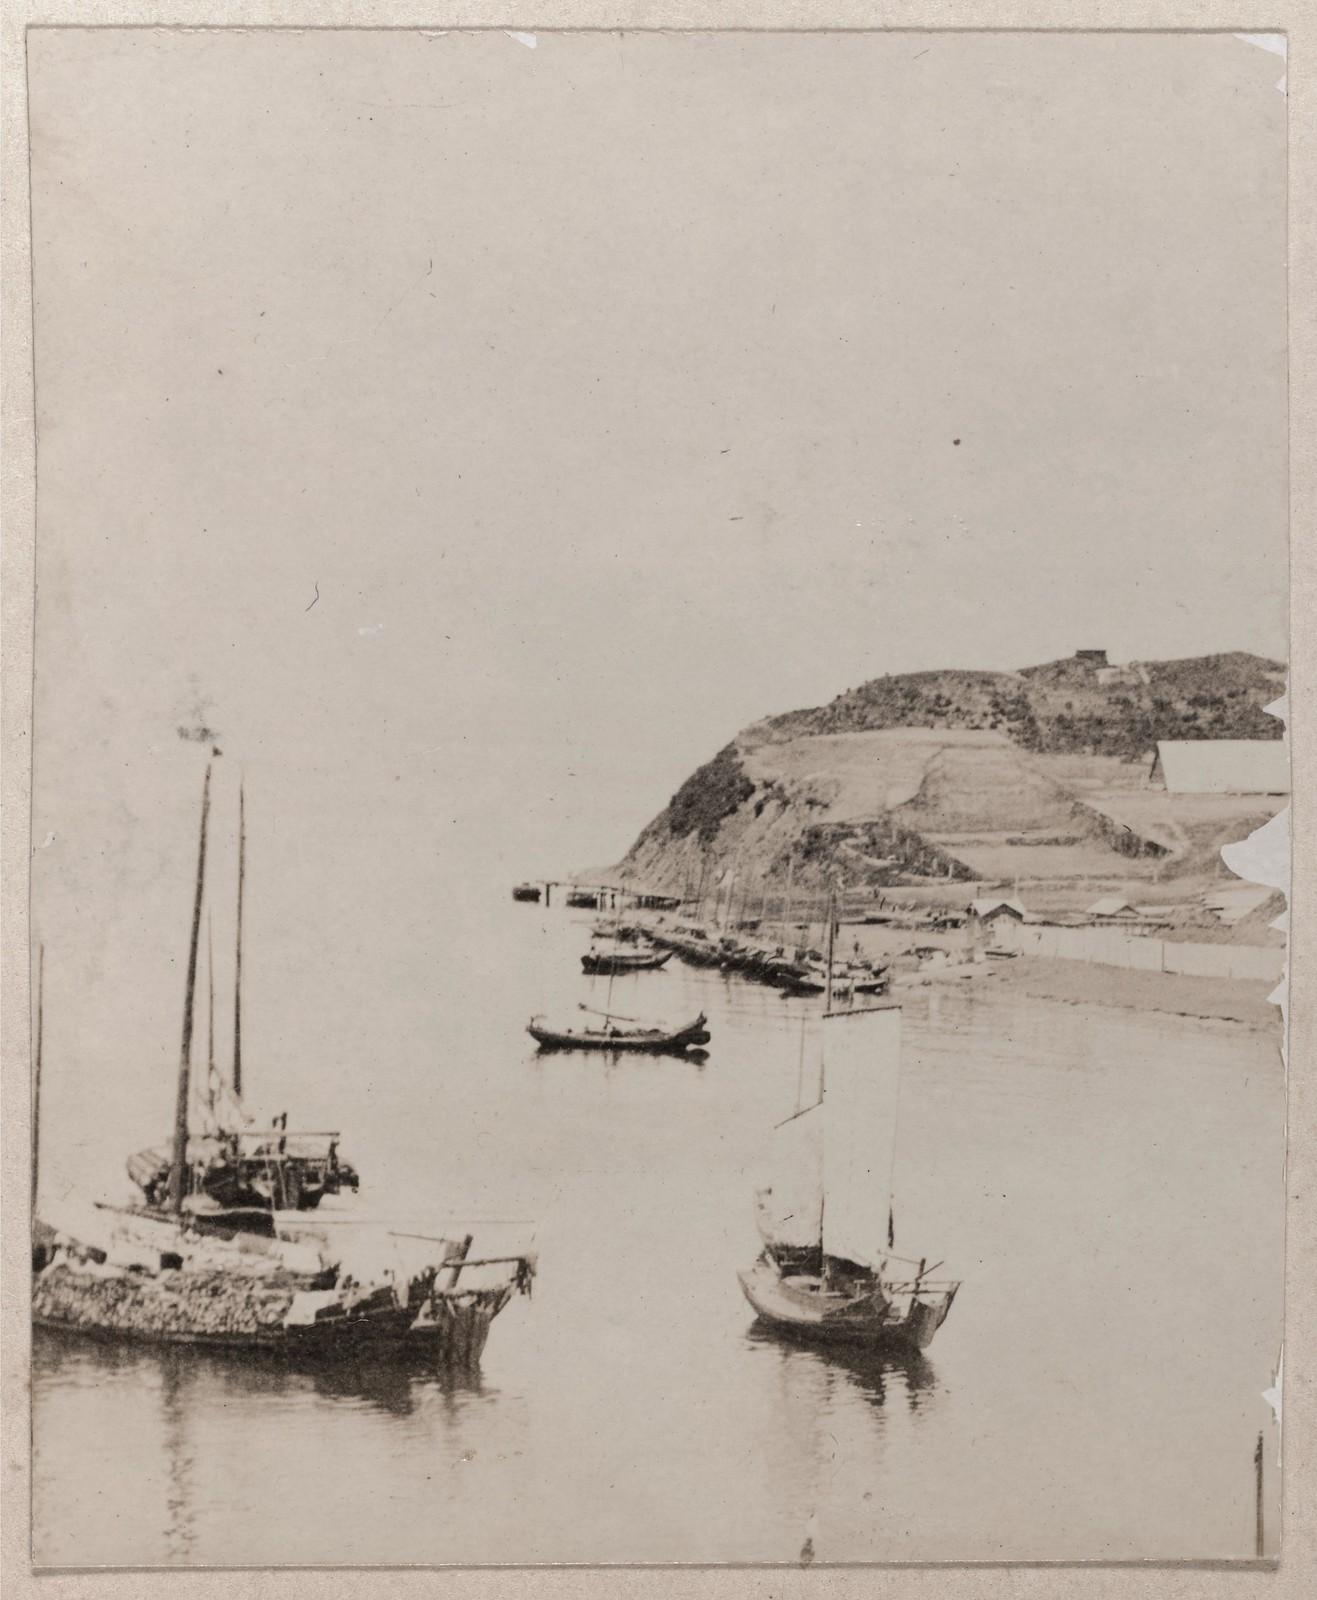 Вид на береговую линию и лодки в Амурском заливе, к северу от Владивостока